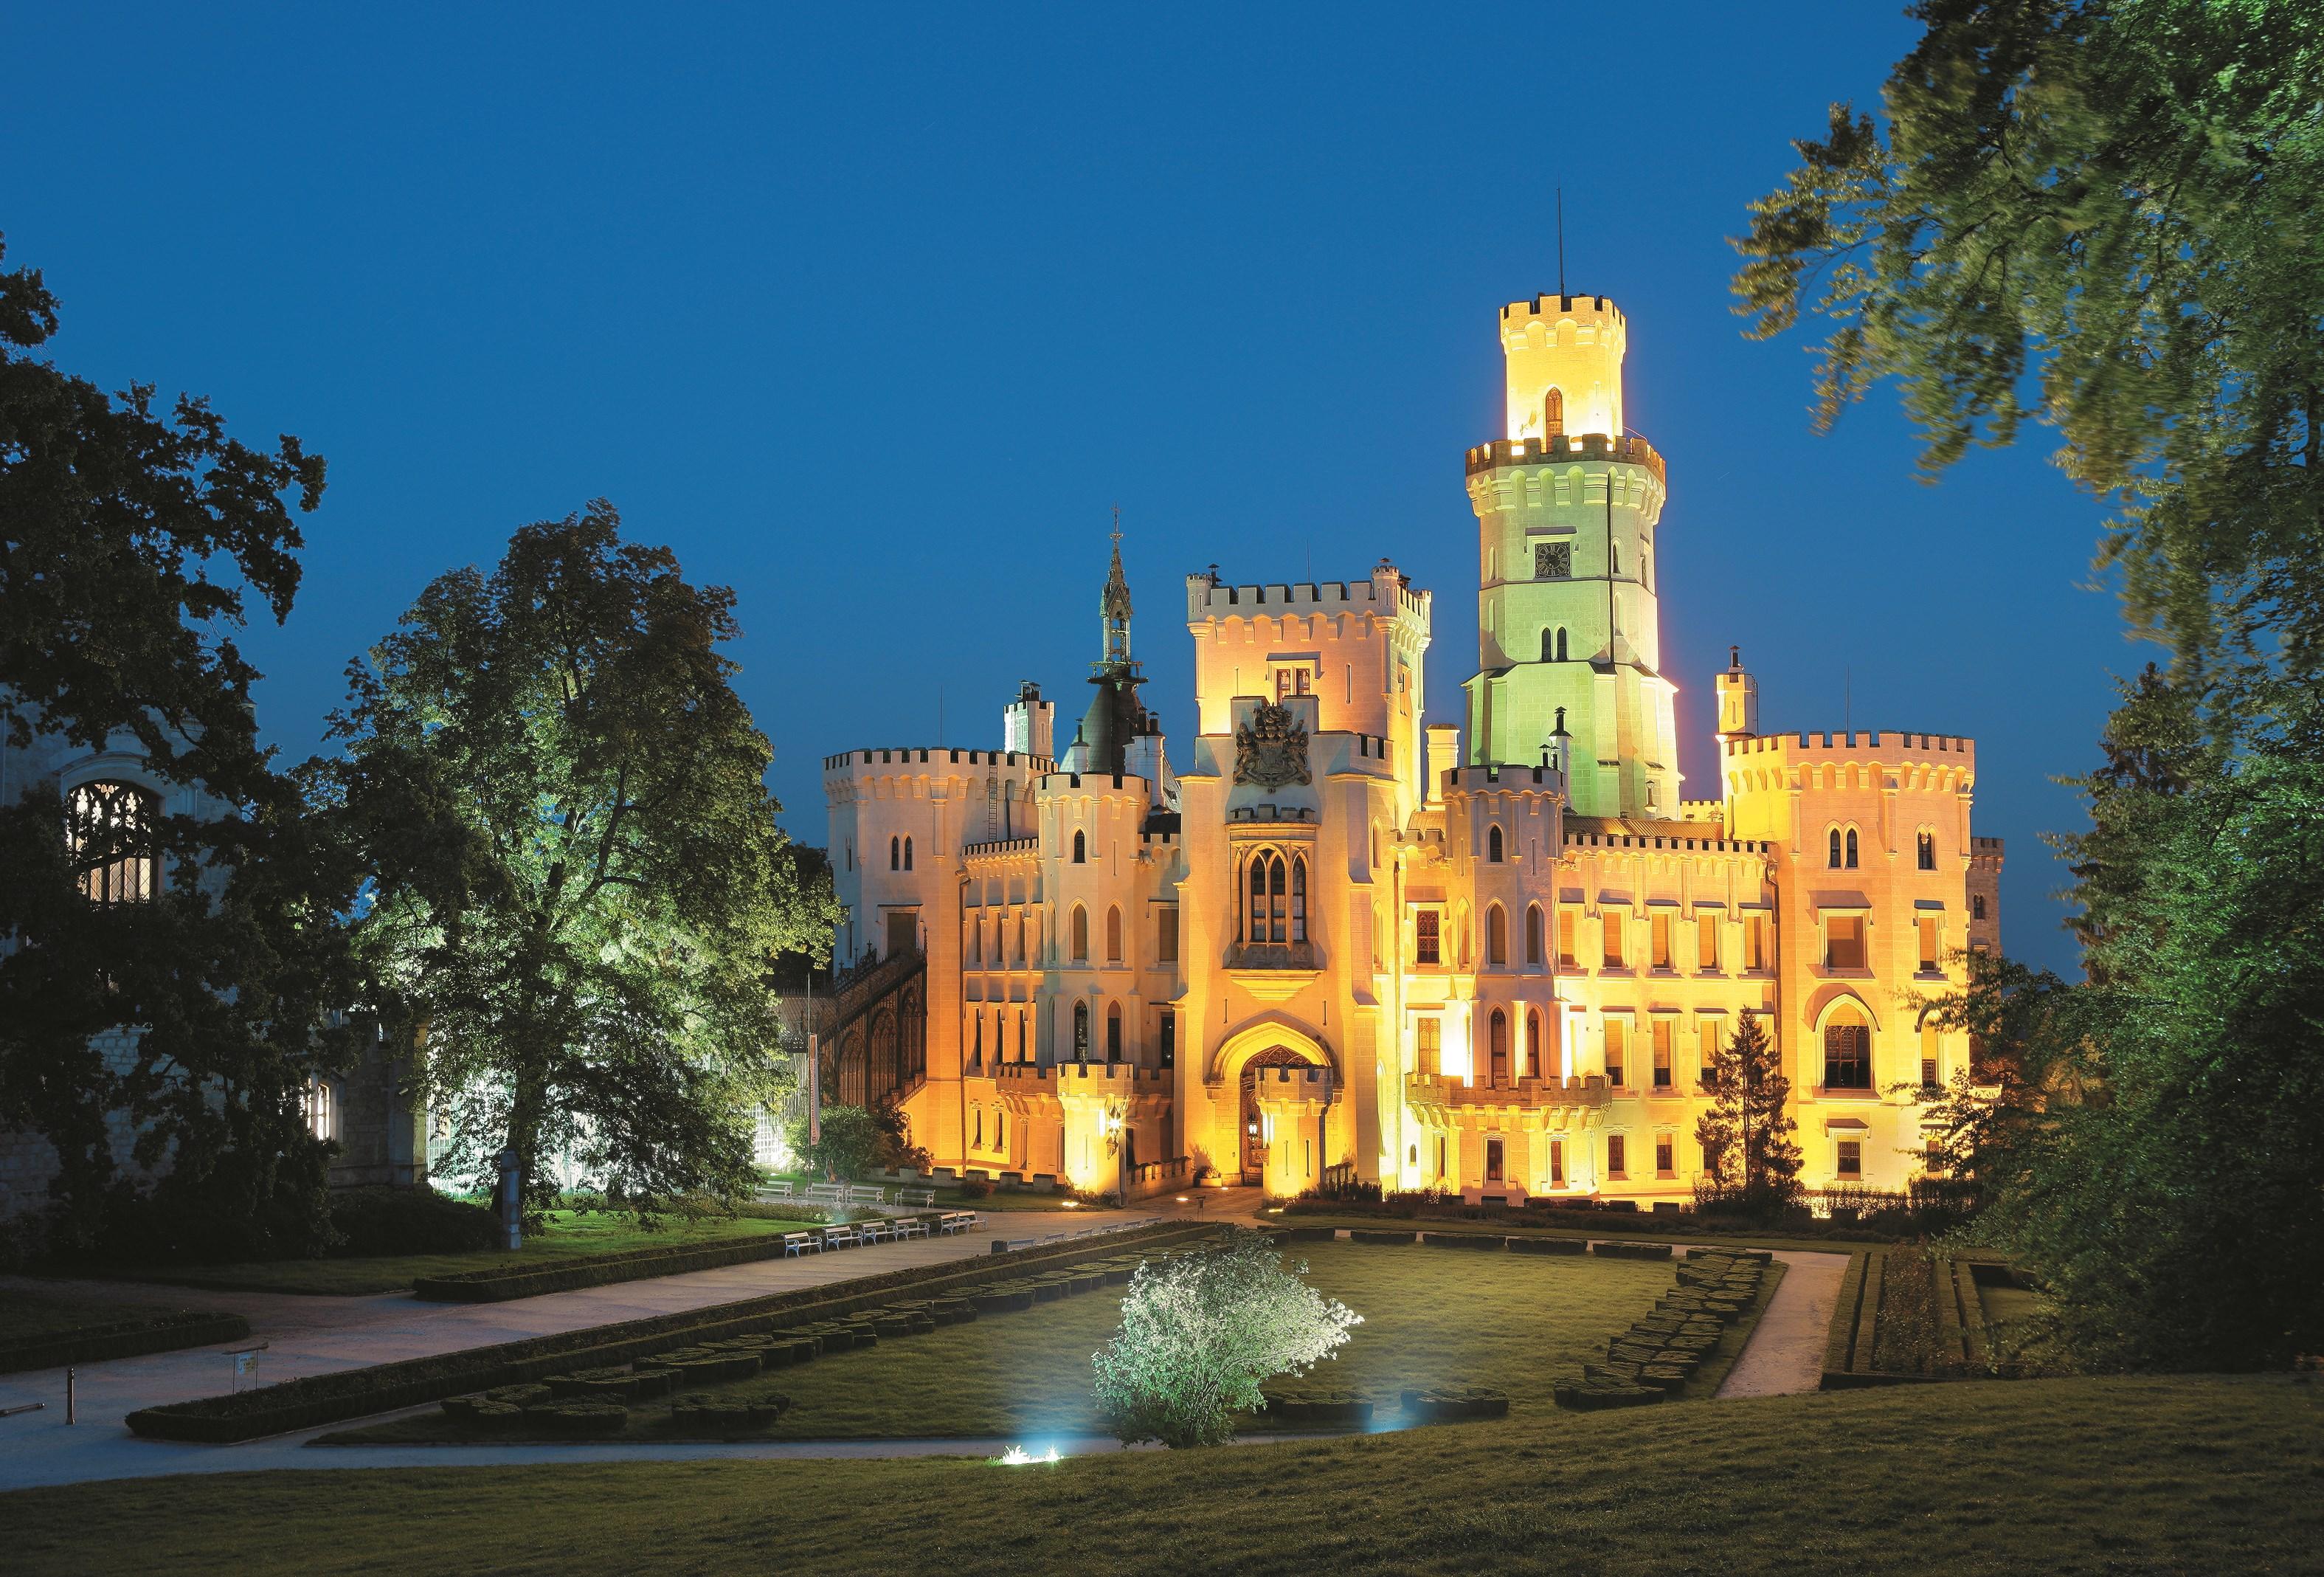 Palacio de Hluboká nad Vltavou